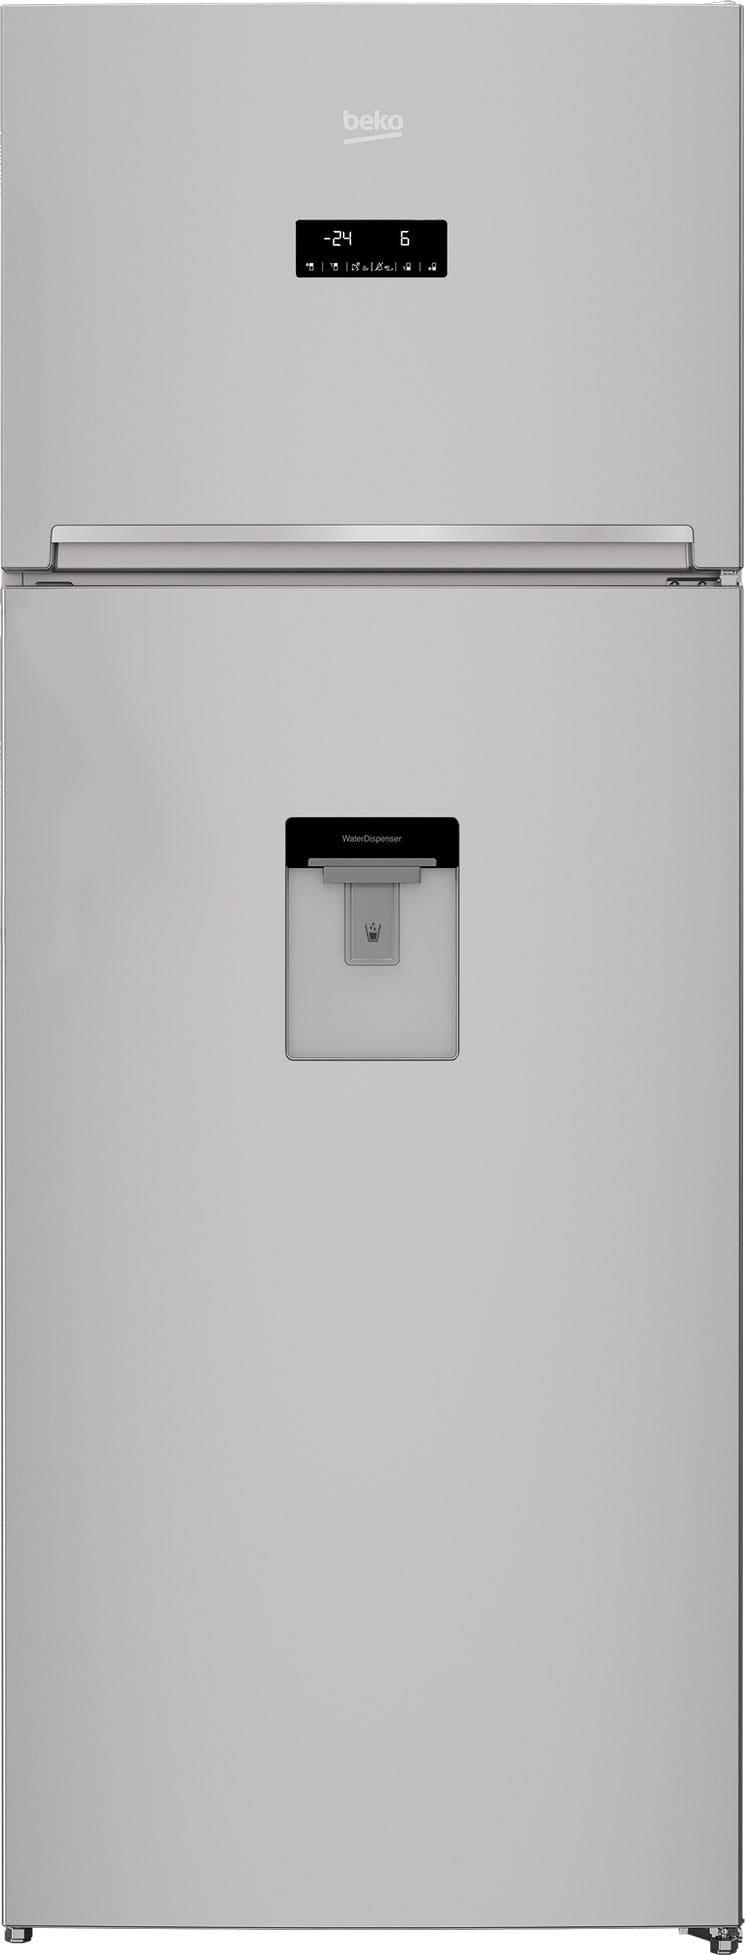 frigorifero beko frigo combinato no frost rdne455e20ds in offerta su prezzoforte 96213. Black Bedroom Furniture Sets. Home Design Ideas